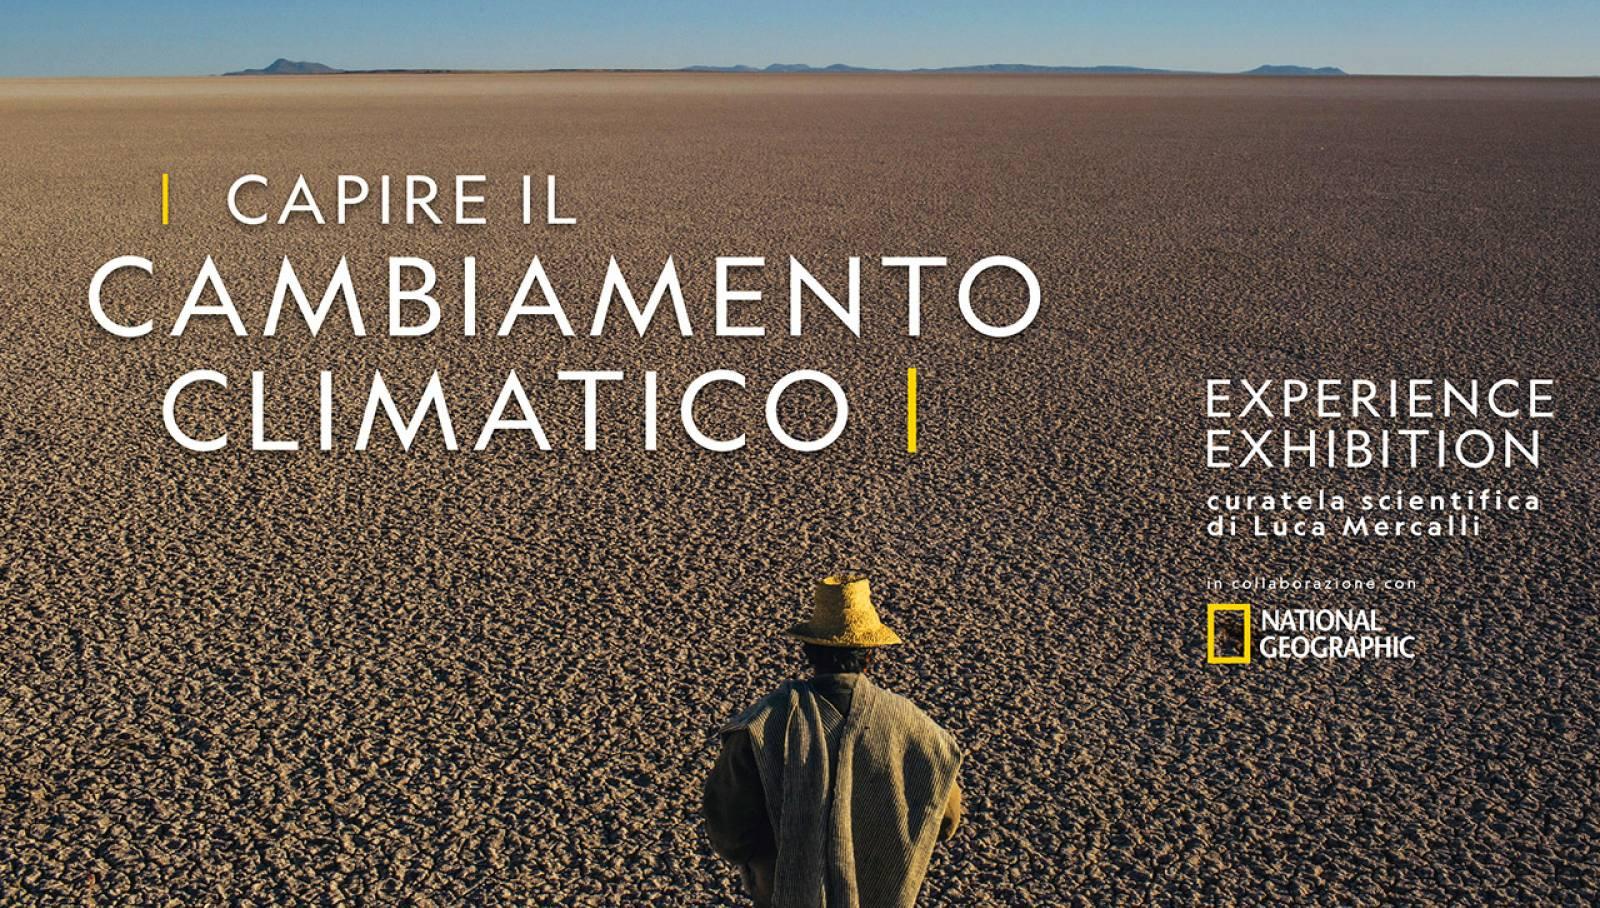 Capire il cambiamento climatico - Experience Exhibition